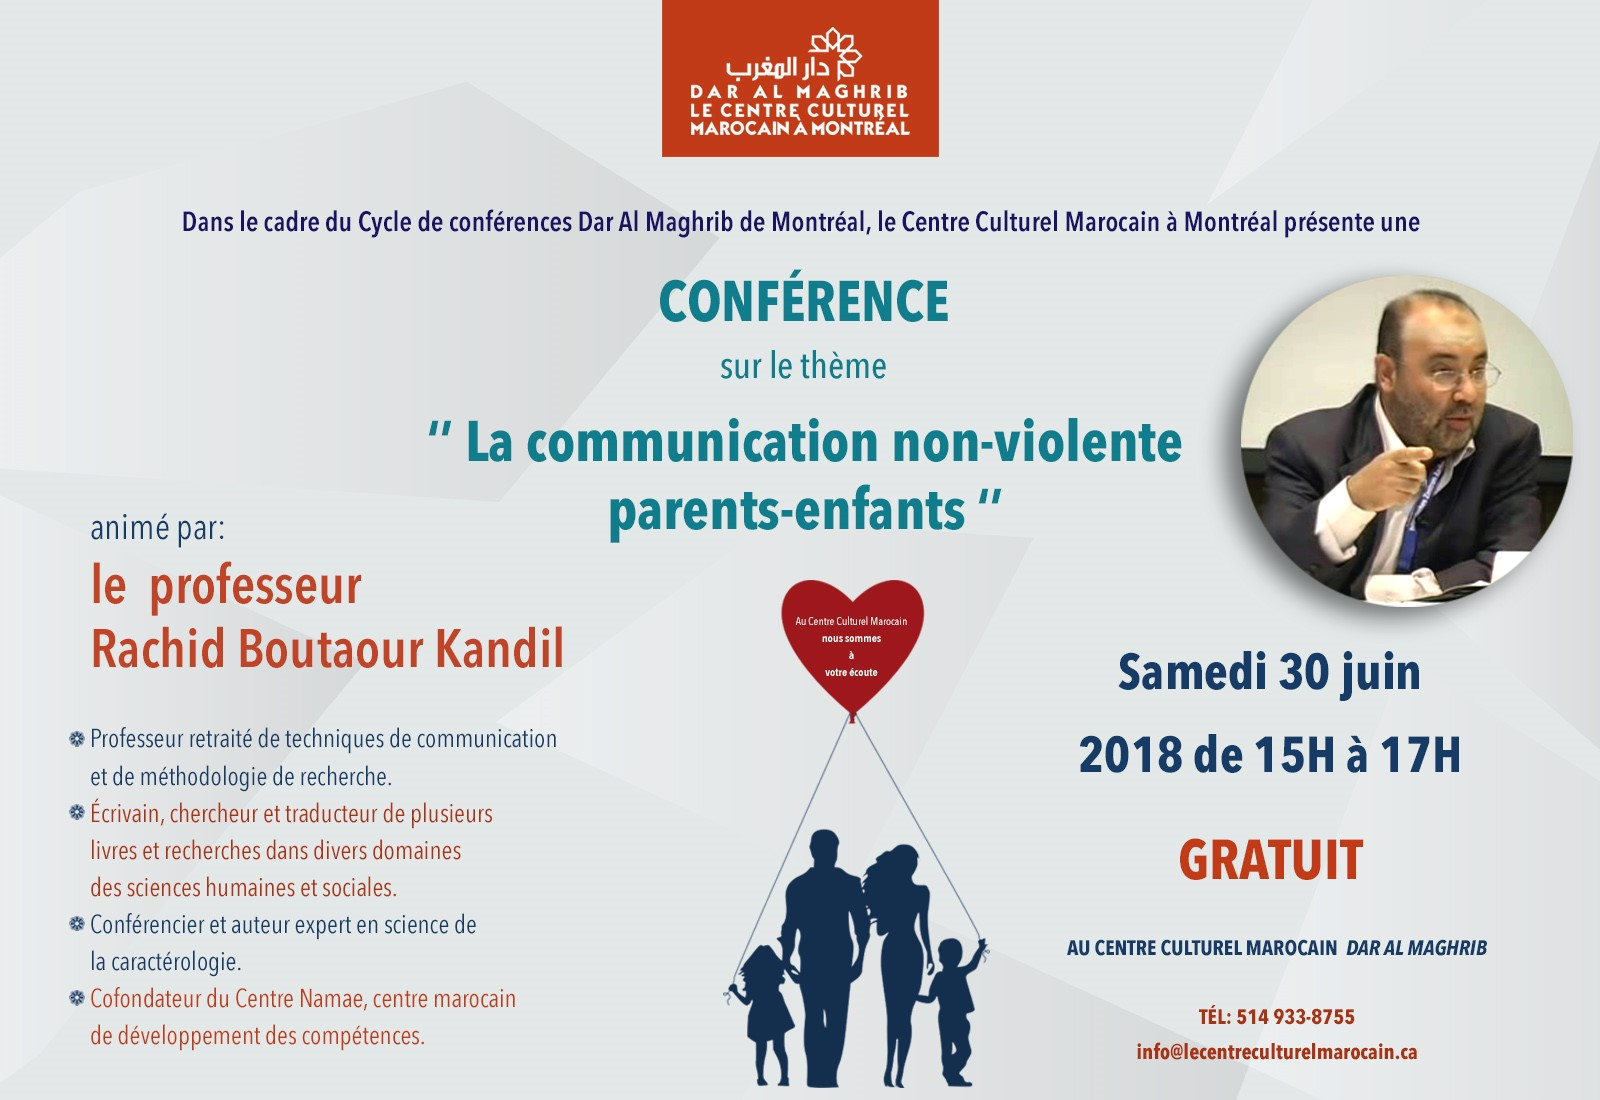 Cycle de conférence_Dar Al Maghrib «la communication non-violente, parents-enfants»